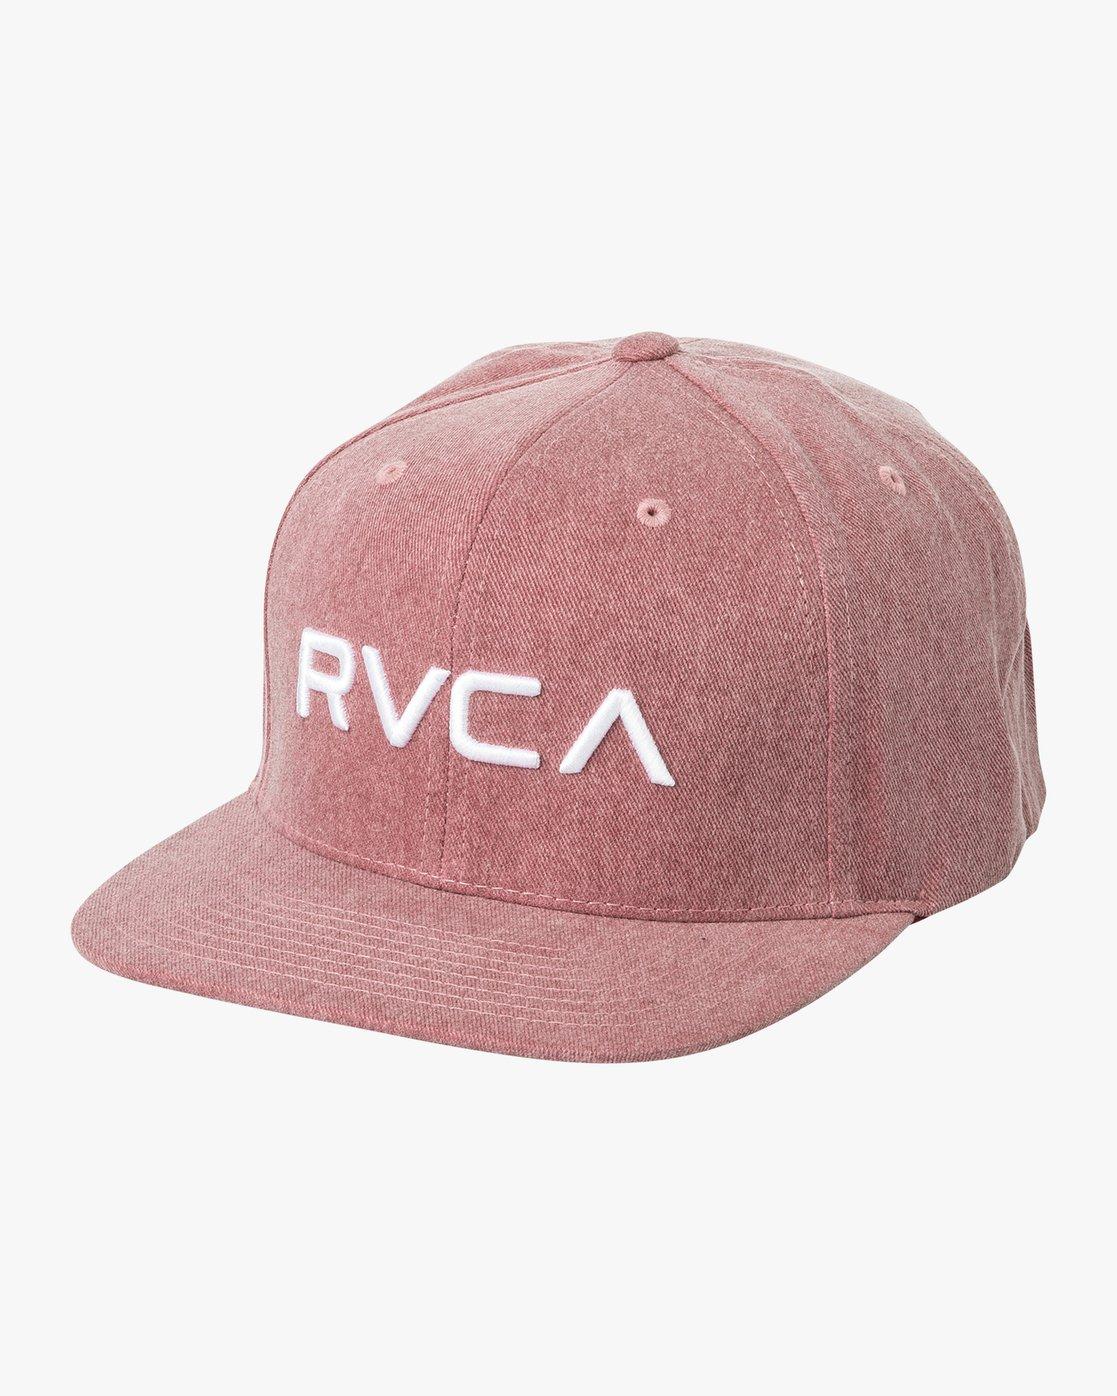 0 RVCA Twill Snapback III Hat Red MAAHWRSB RVCA